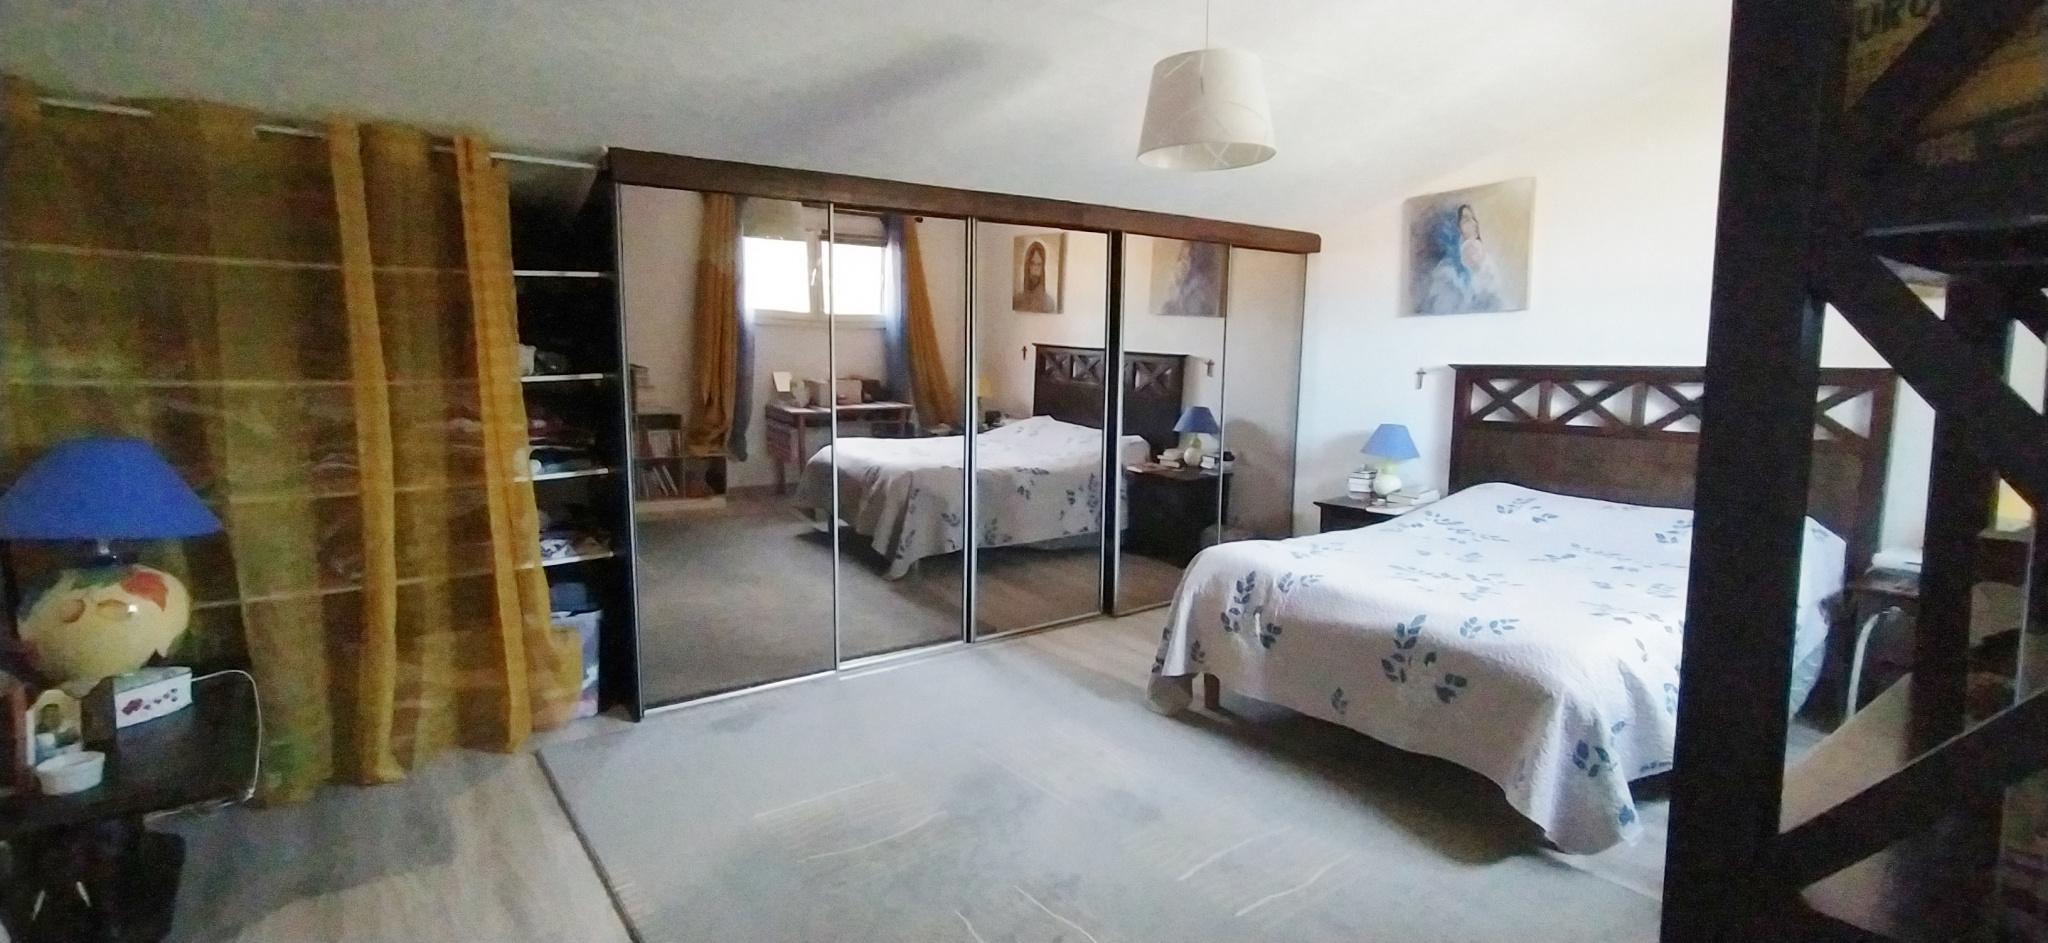 À vendre maison/villa de 140m2 à argeles sur mer (66700) - Photo 9'